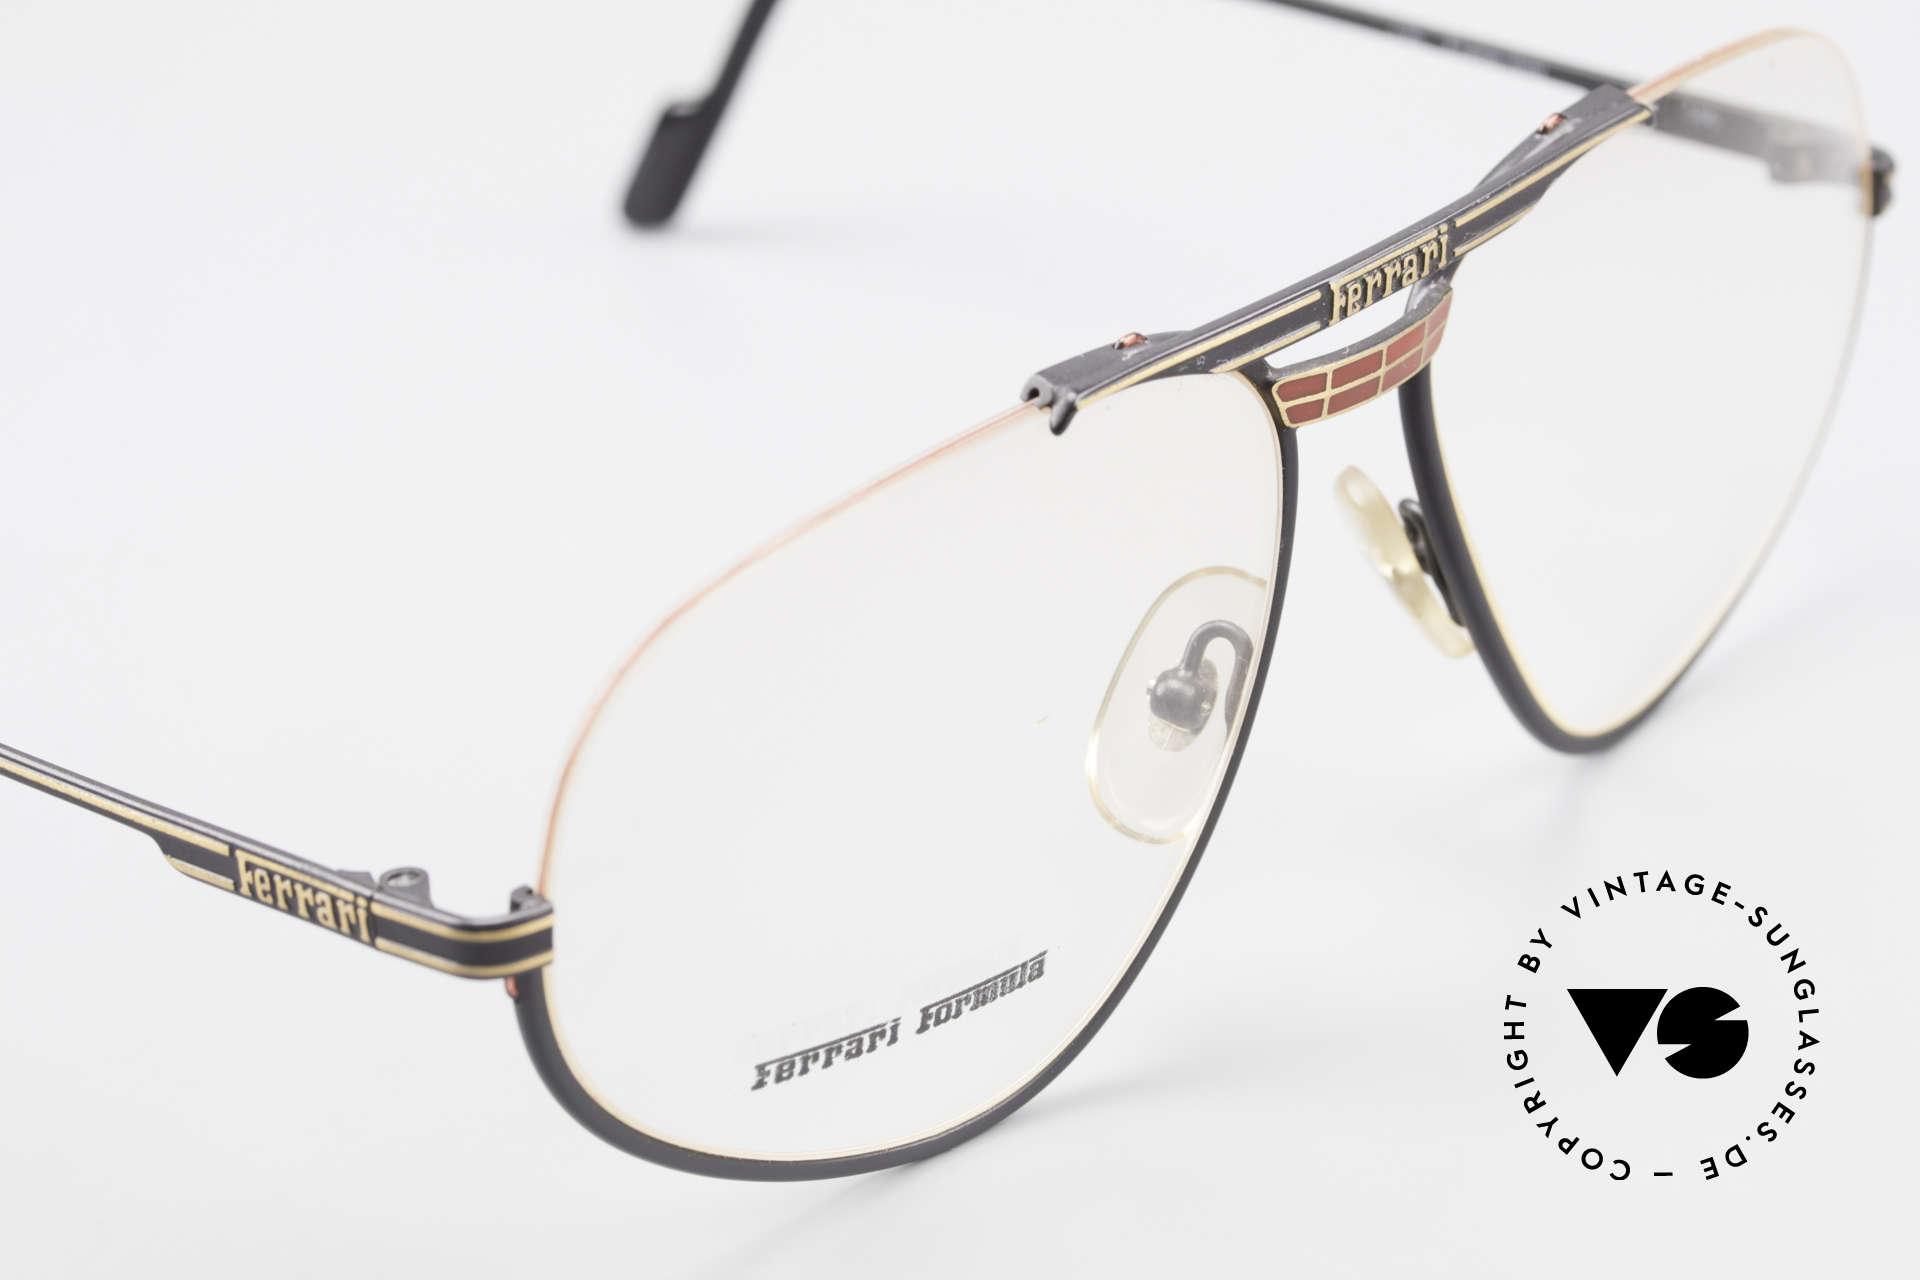 Ferrari F2 Alte Ferrari Brille True Vintage, Demos können beliebig ersetzt werden (optisch/Sonne), Passend für Herren